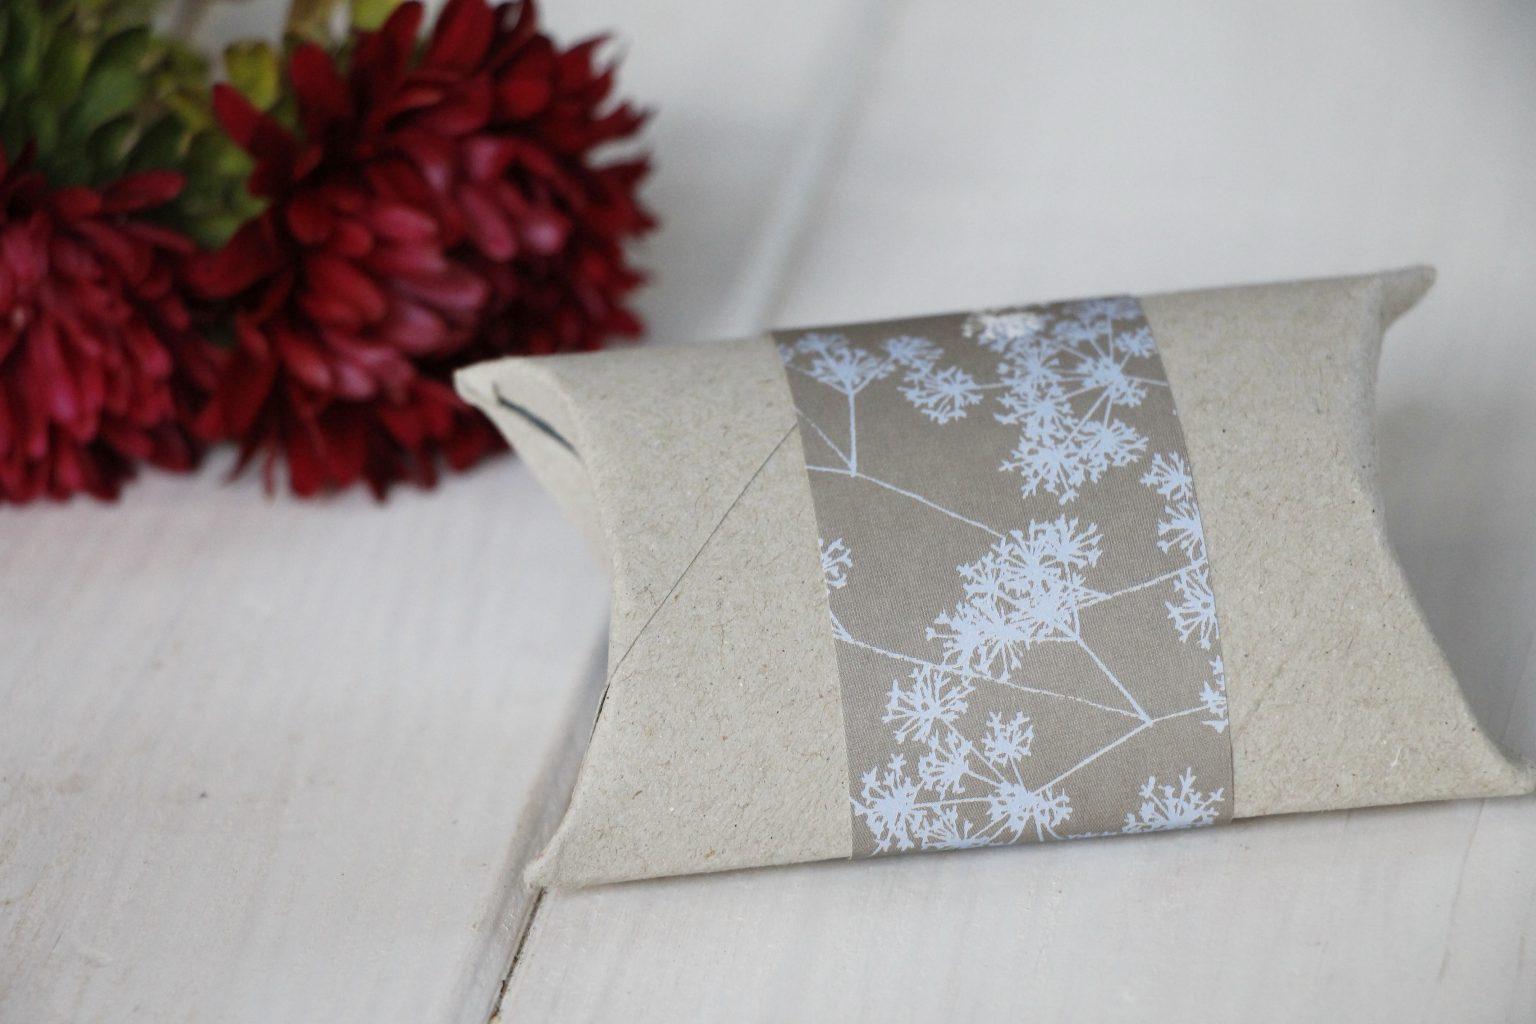 diy kleine geschenkverpackung aus klopapierrolle basteln. Black Bedroom Furniture Sets. Home Design Ideas